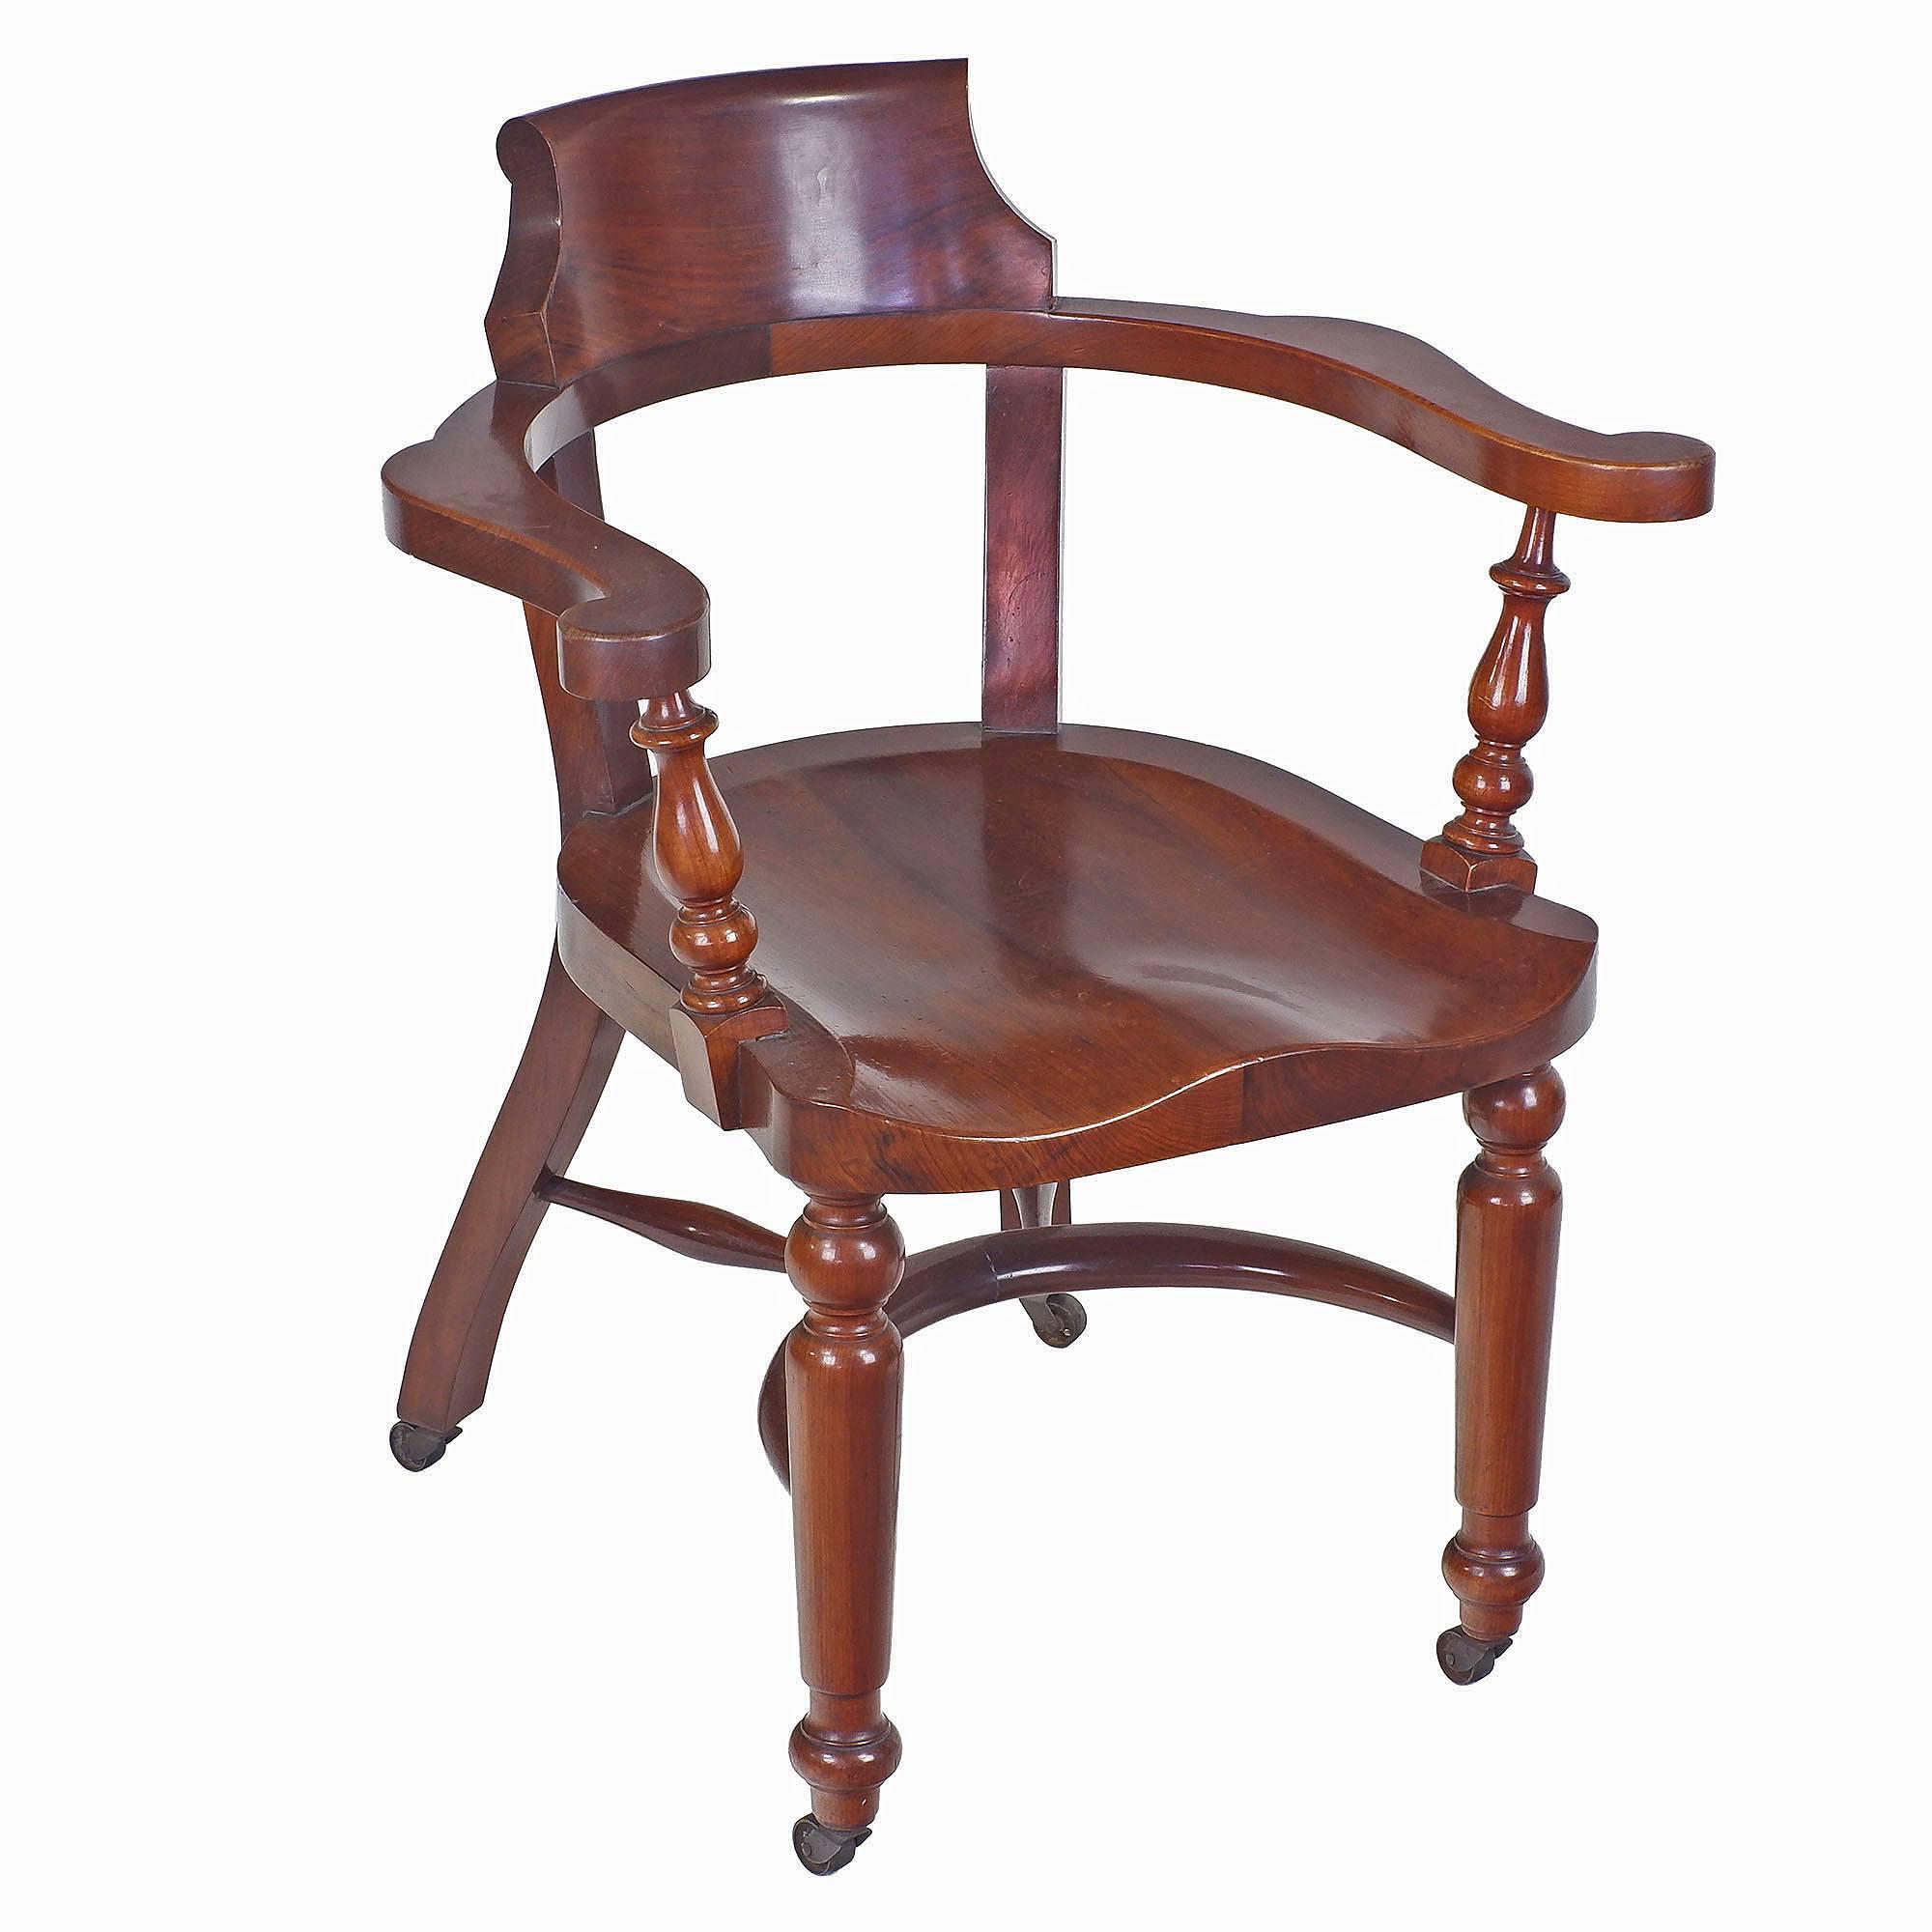 'Good Tasmanian Blackwood Captains Chair Circa 1920'